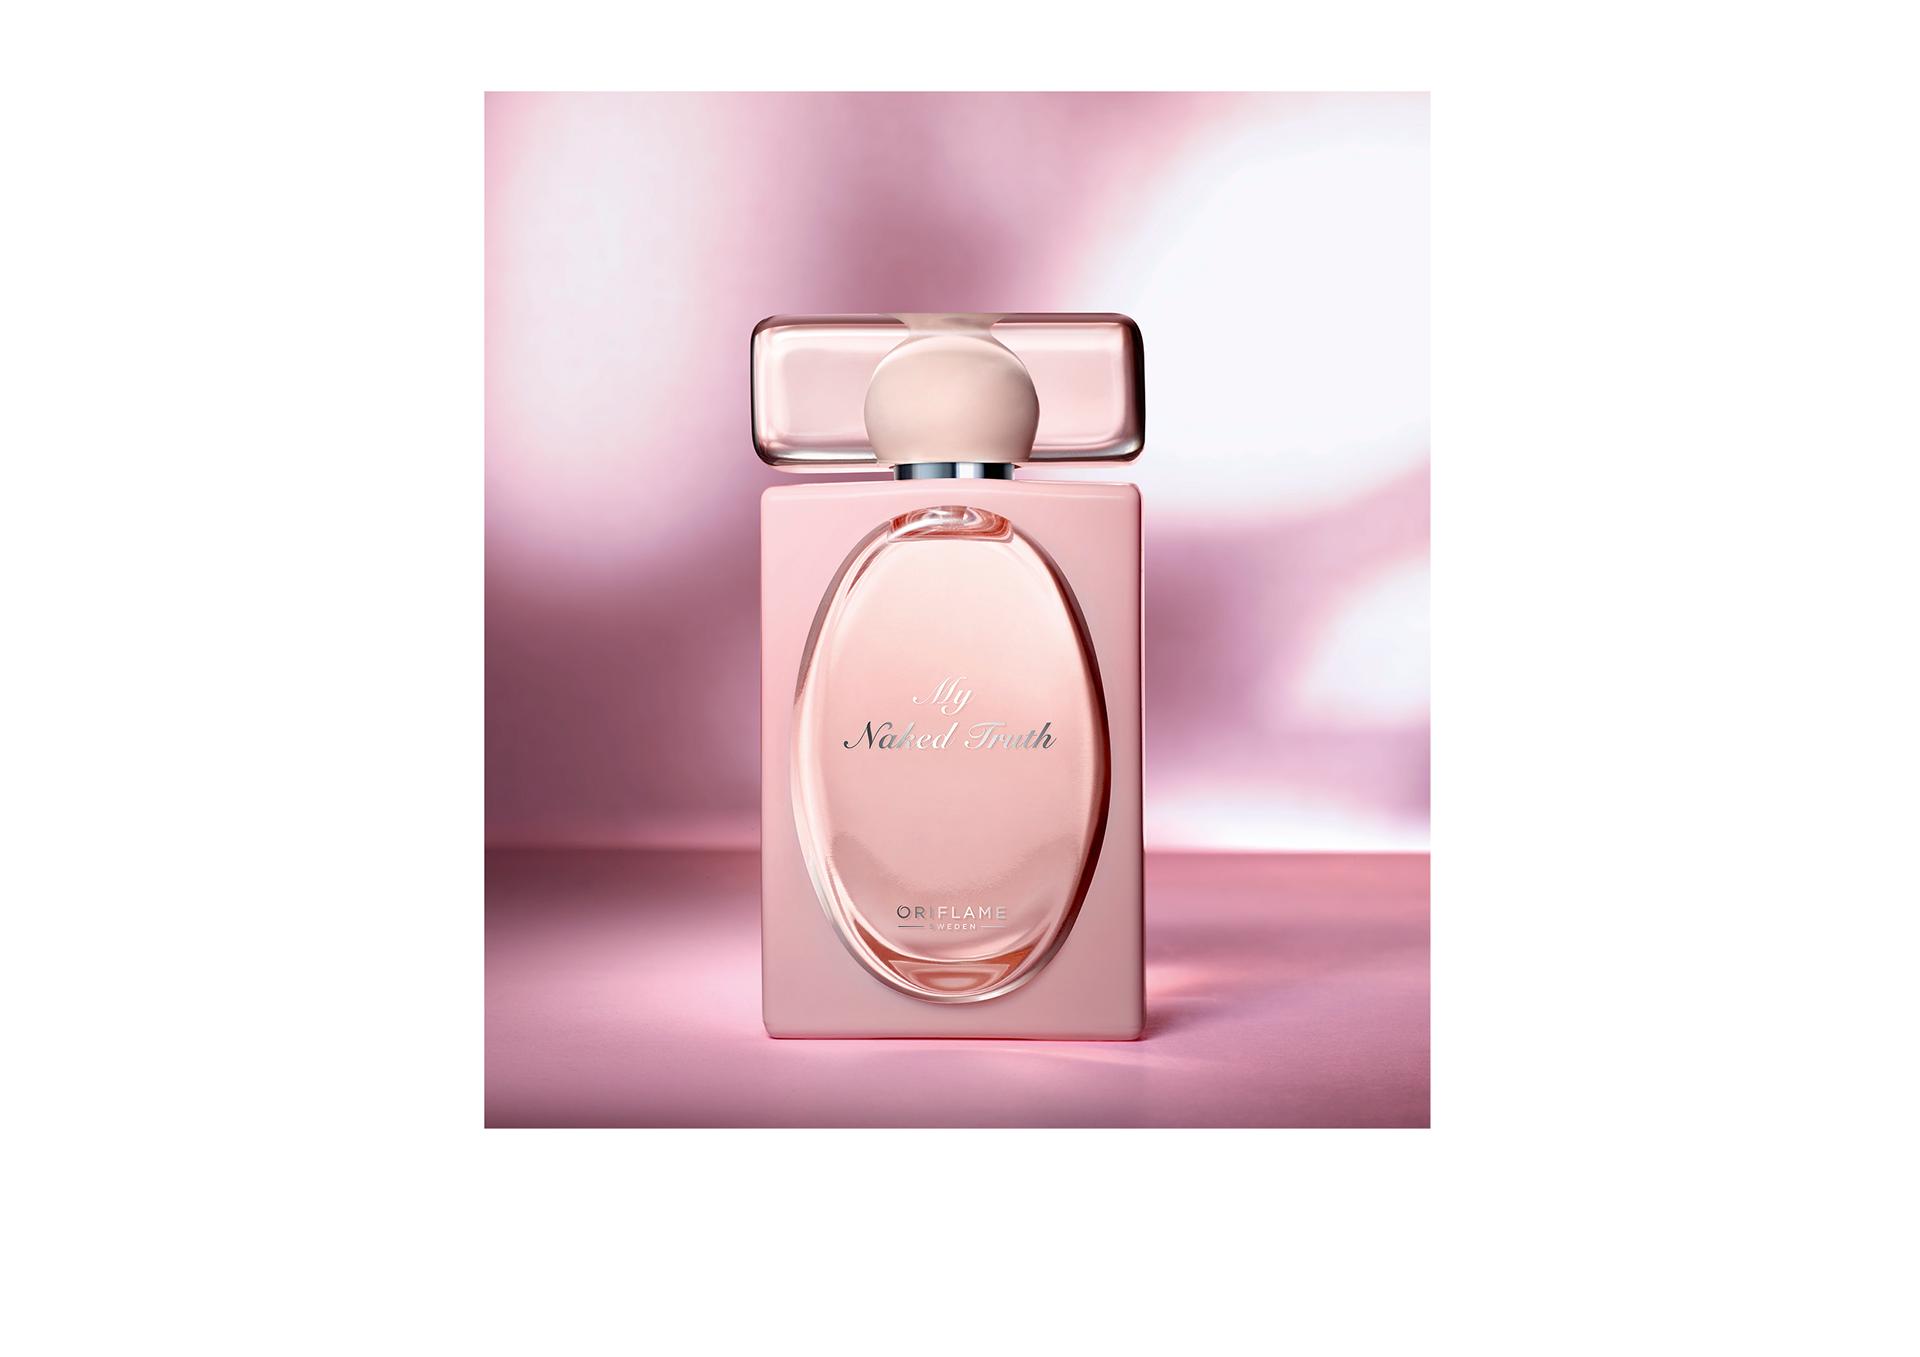 Pin on parfum oriflame